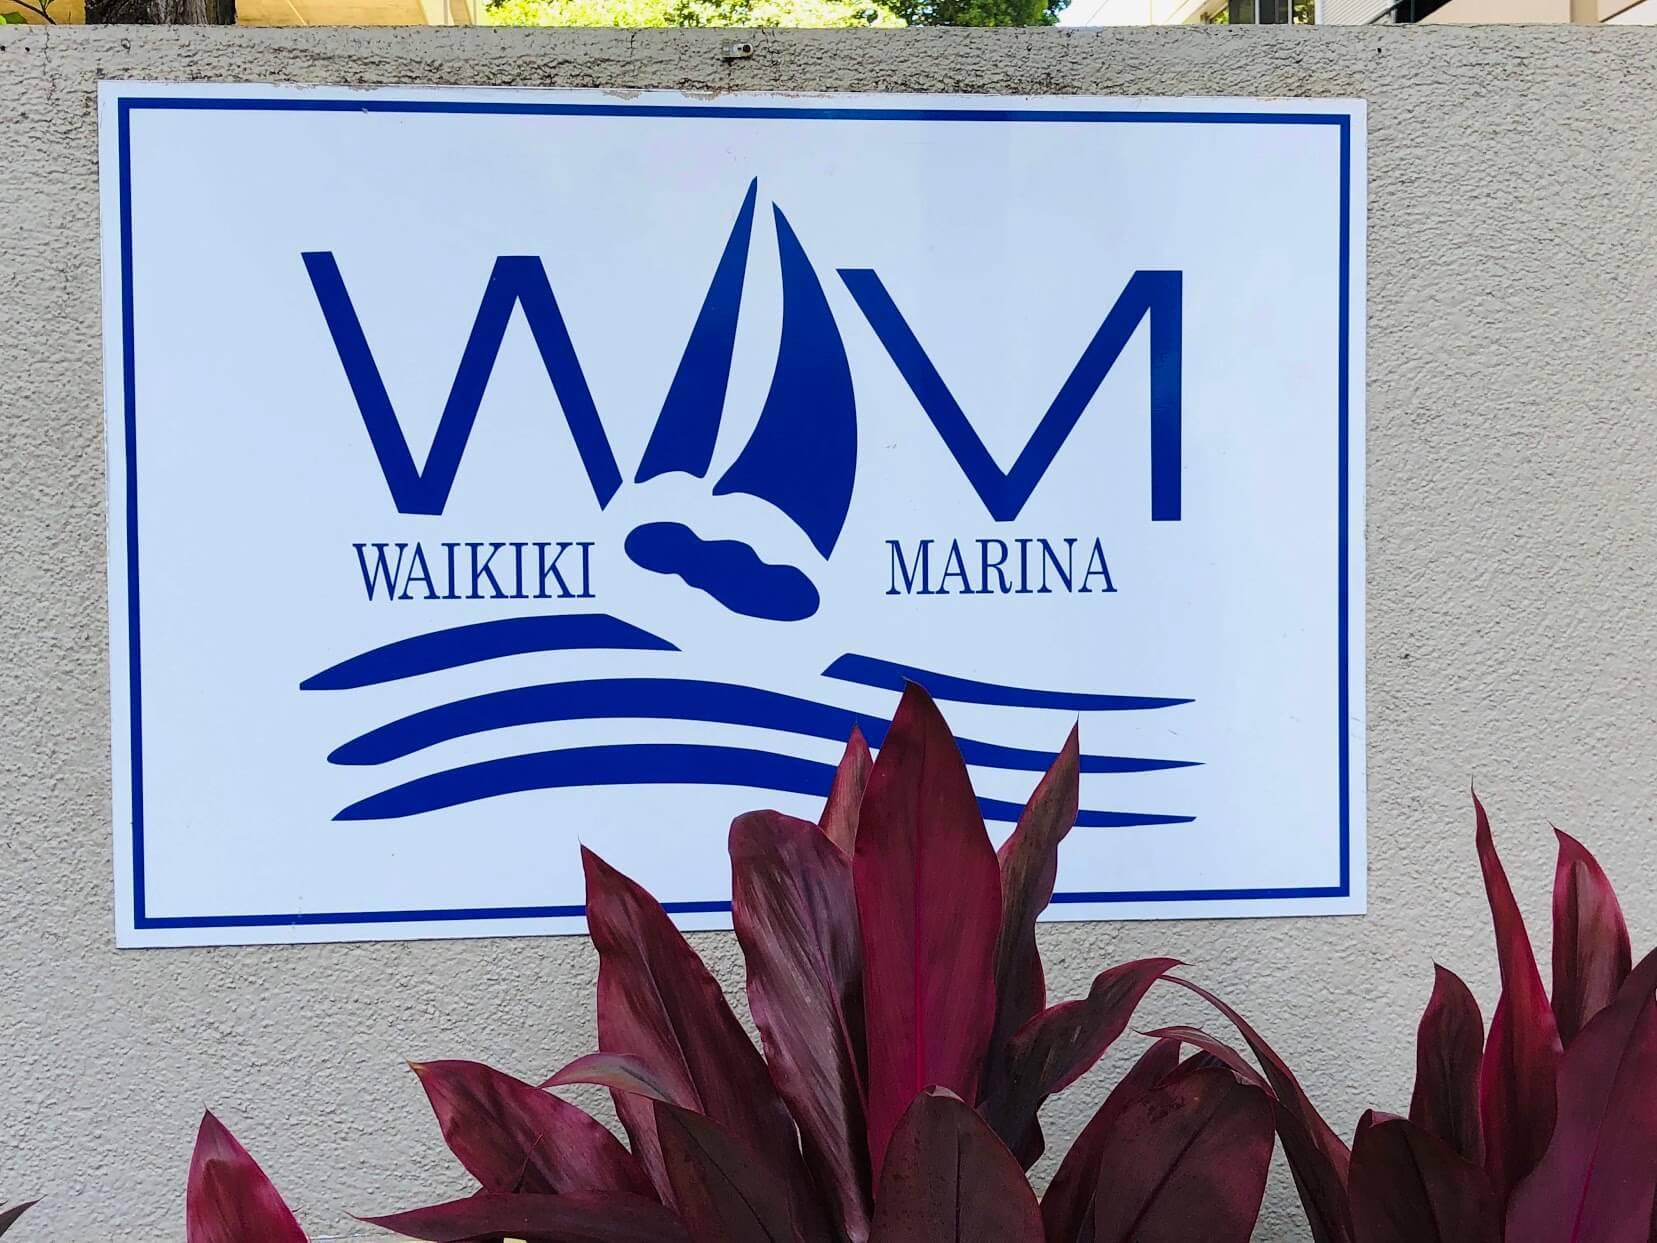 Waikiki Marinaの看板